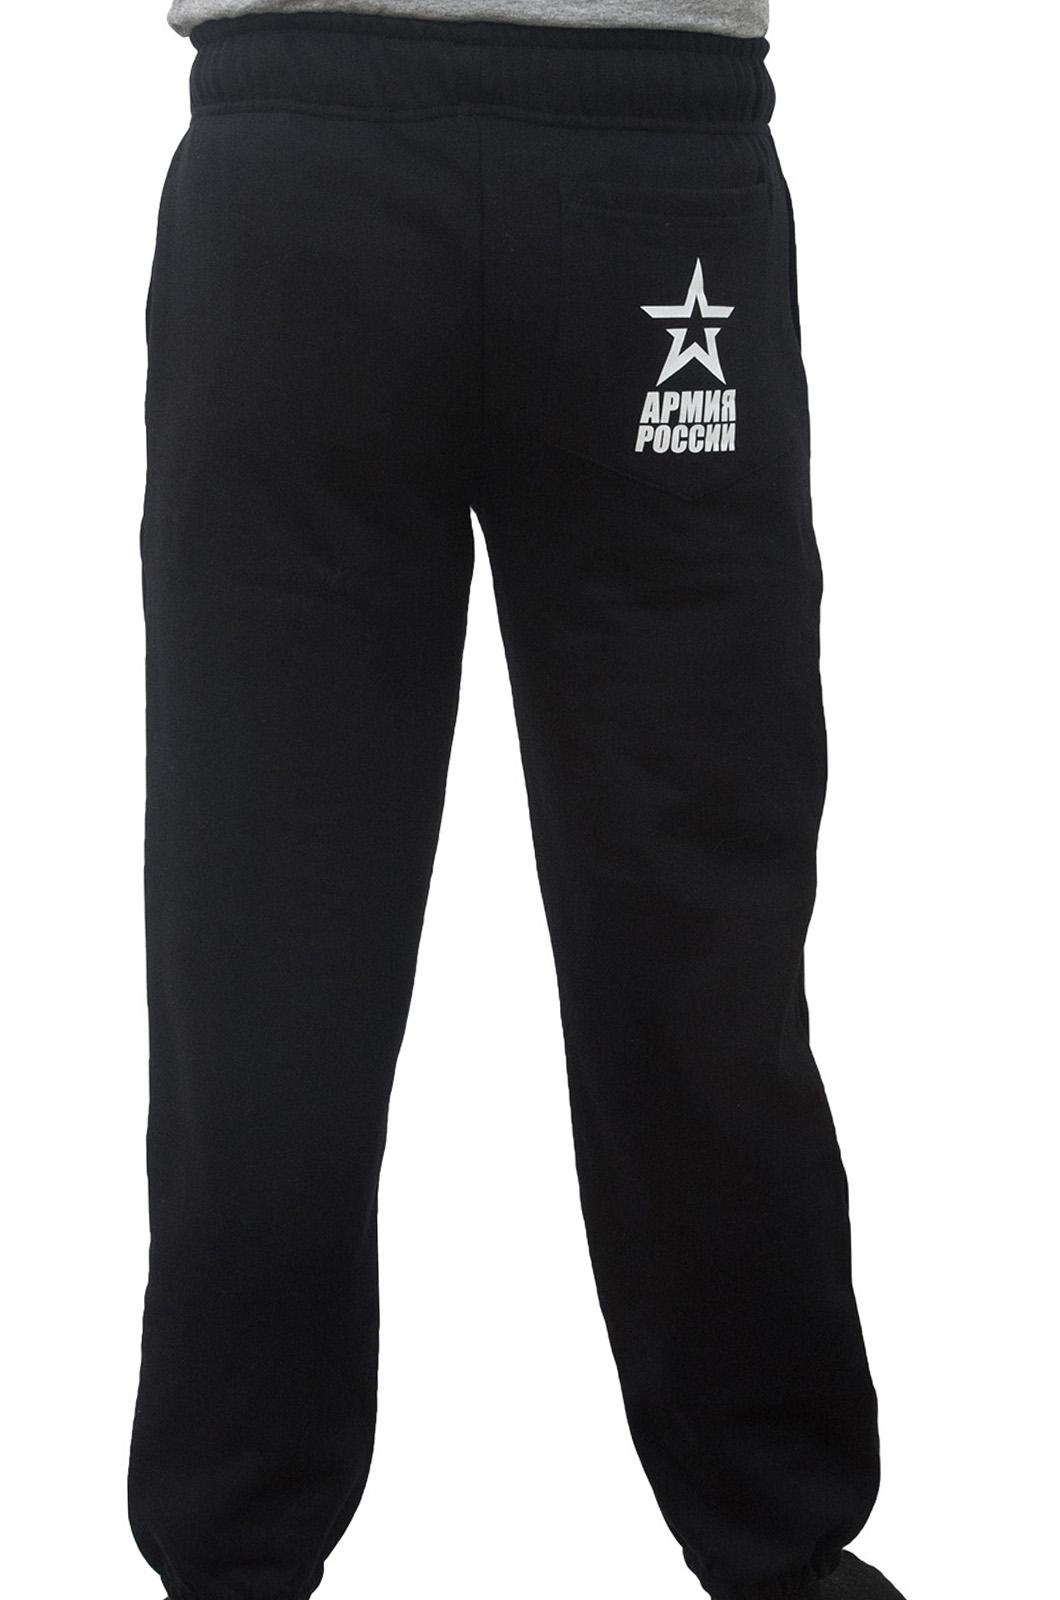 Широкие спортивные мужские штаны